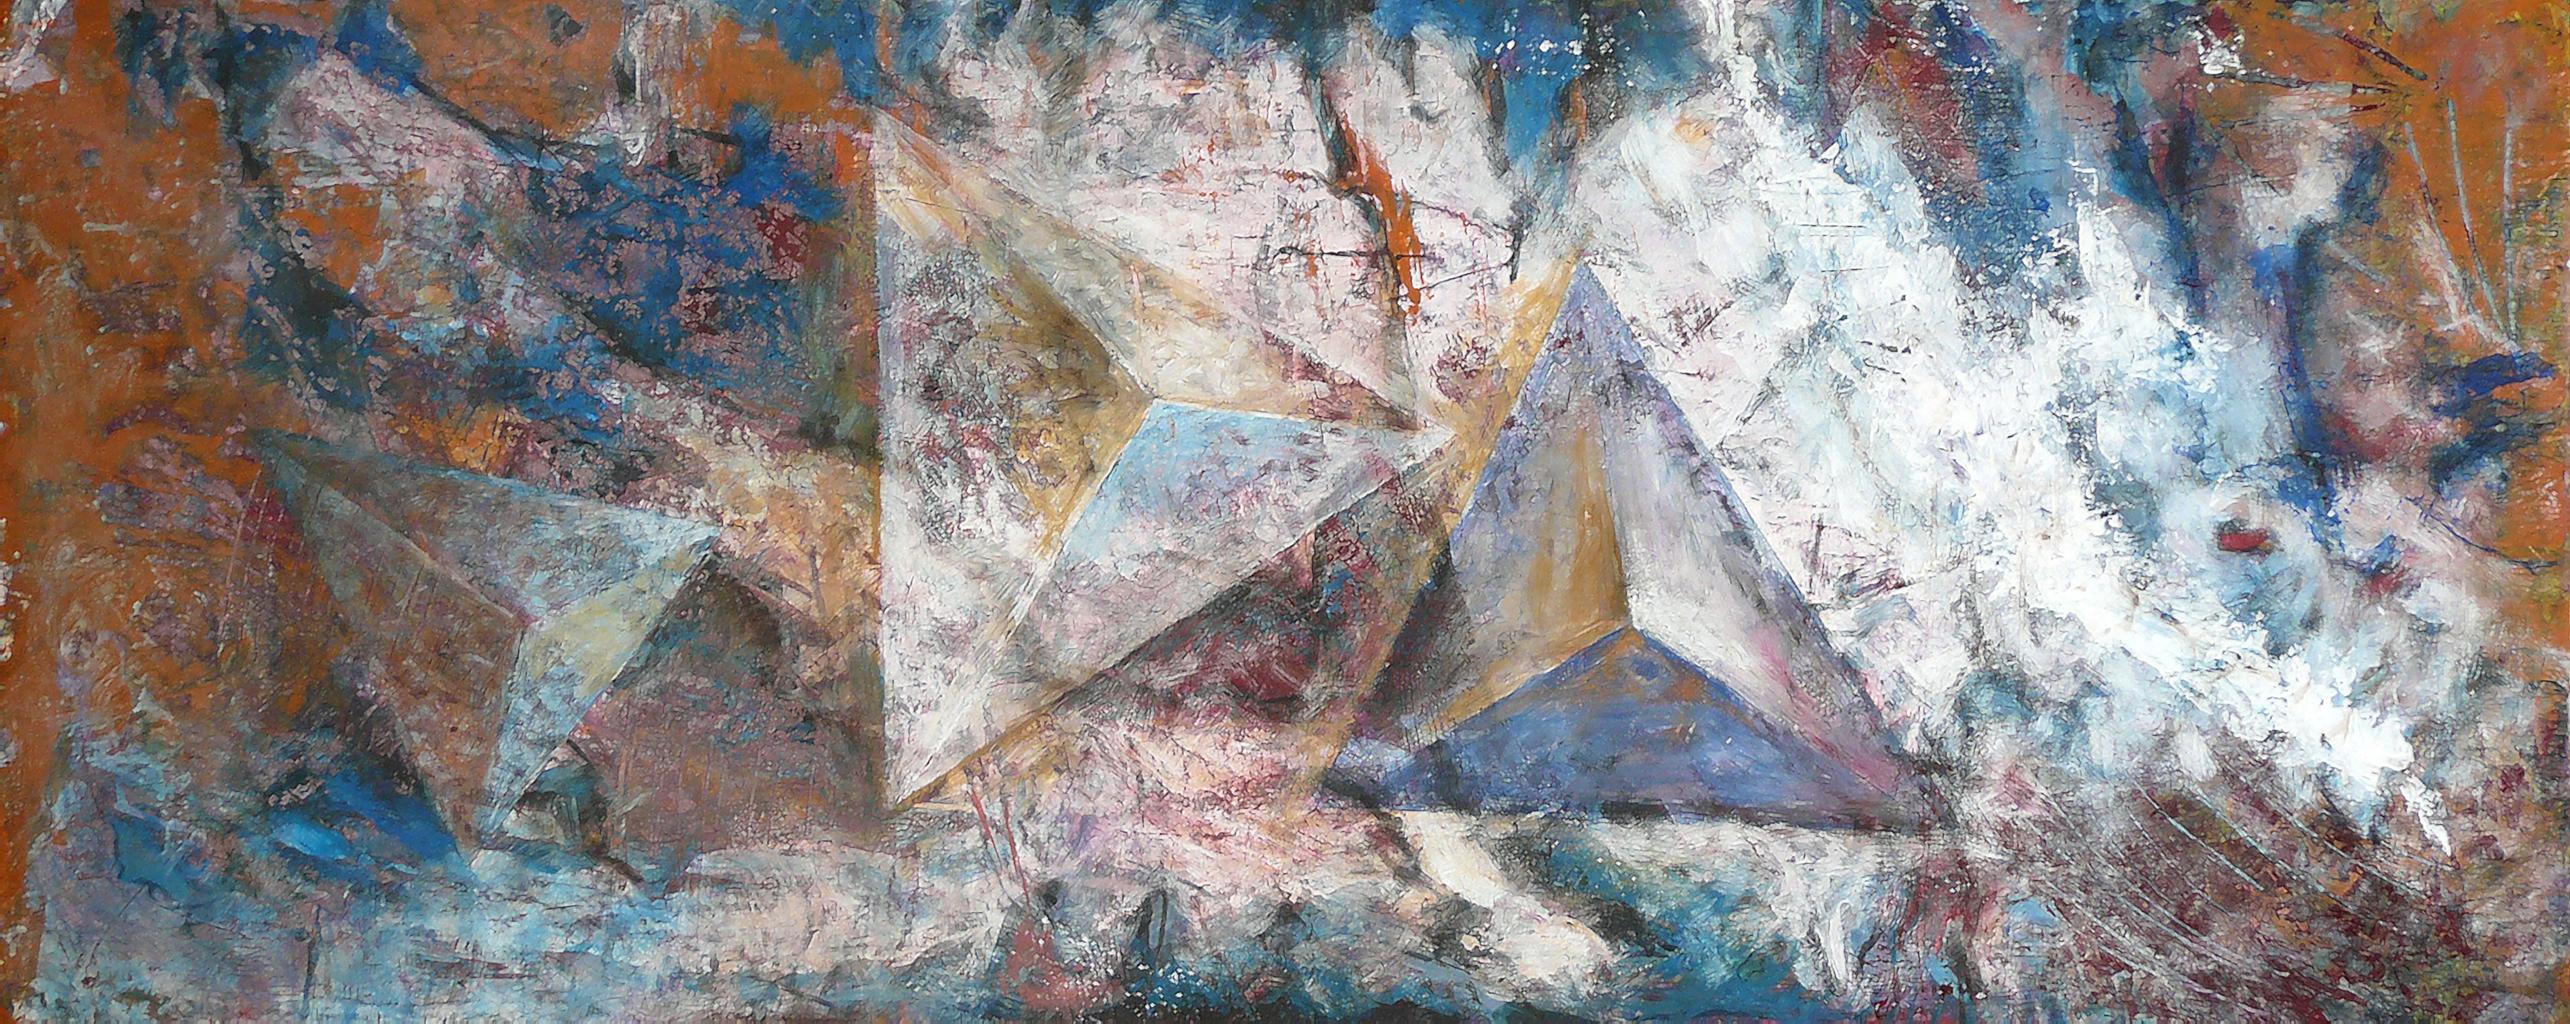 Over Pyramids 2009